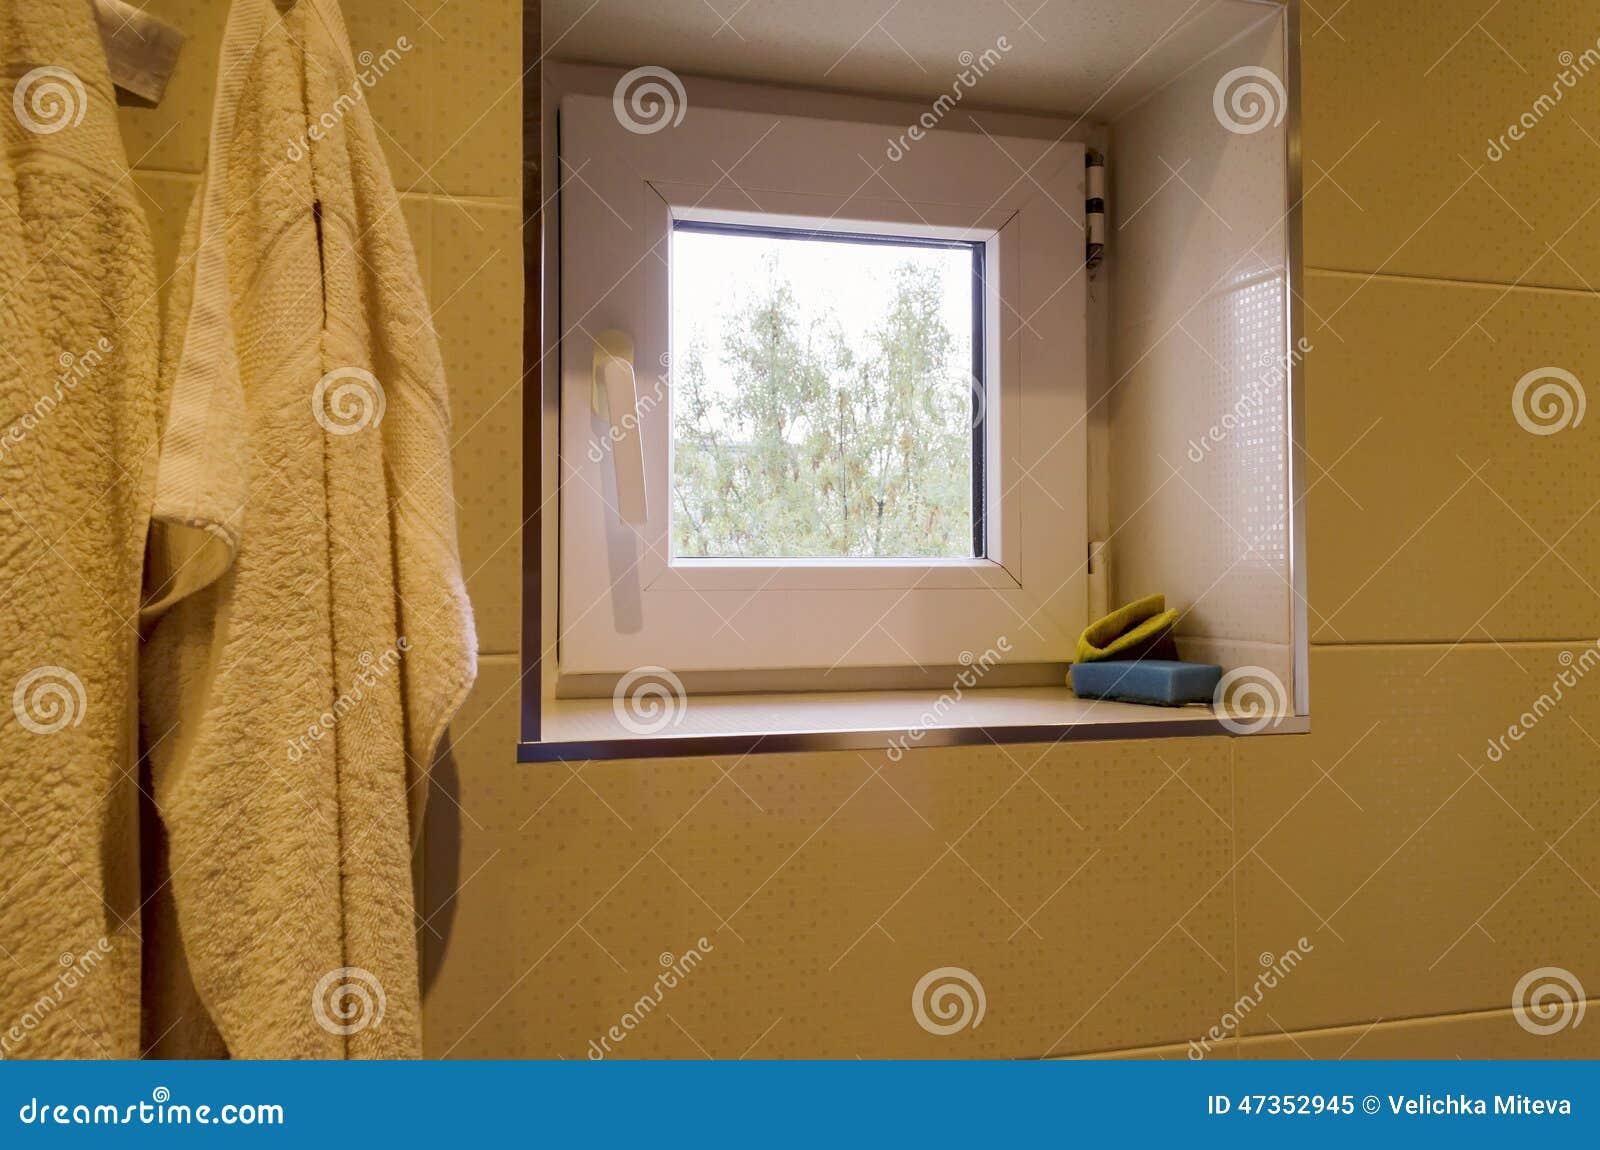 Petites Fenêtres Dans La Salle De Bains Image Stock Image - Petite fenetre salle de bain